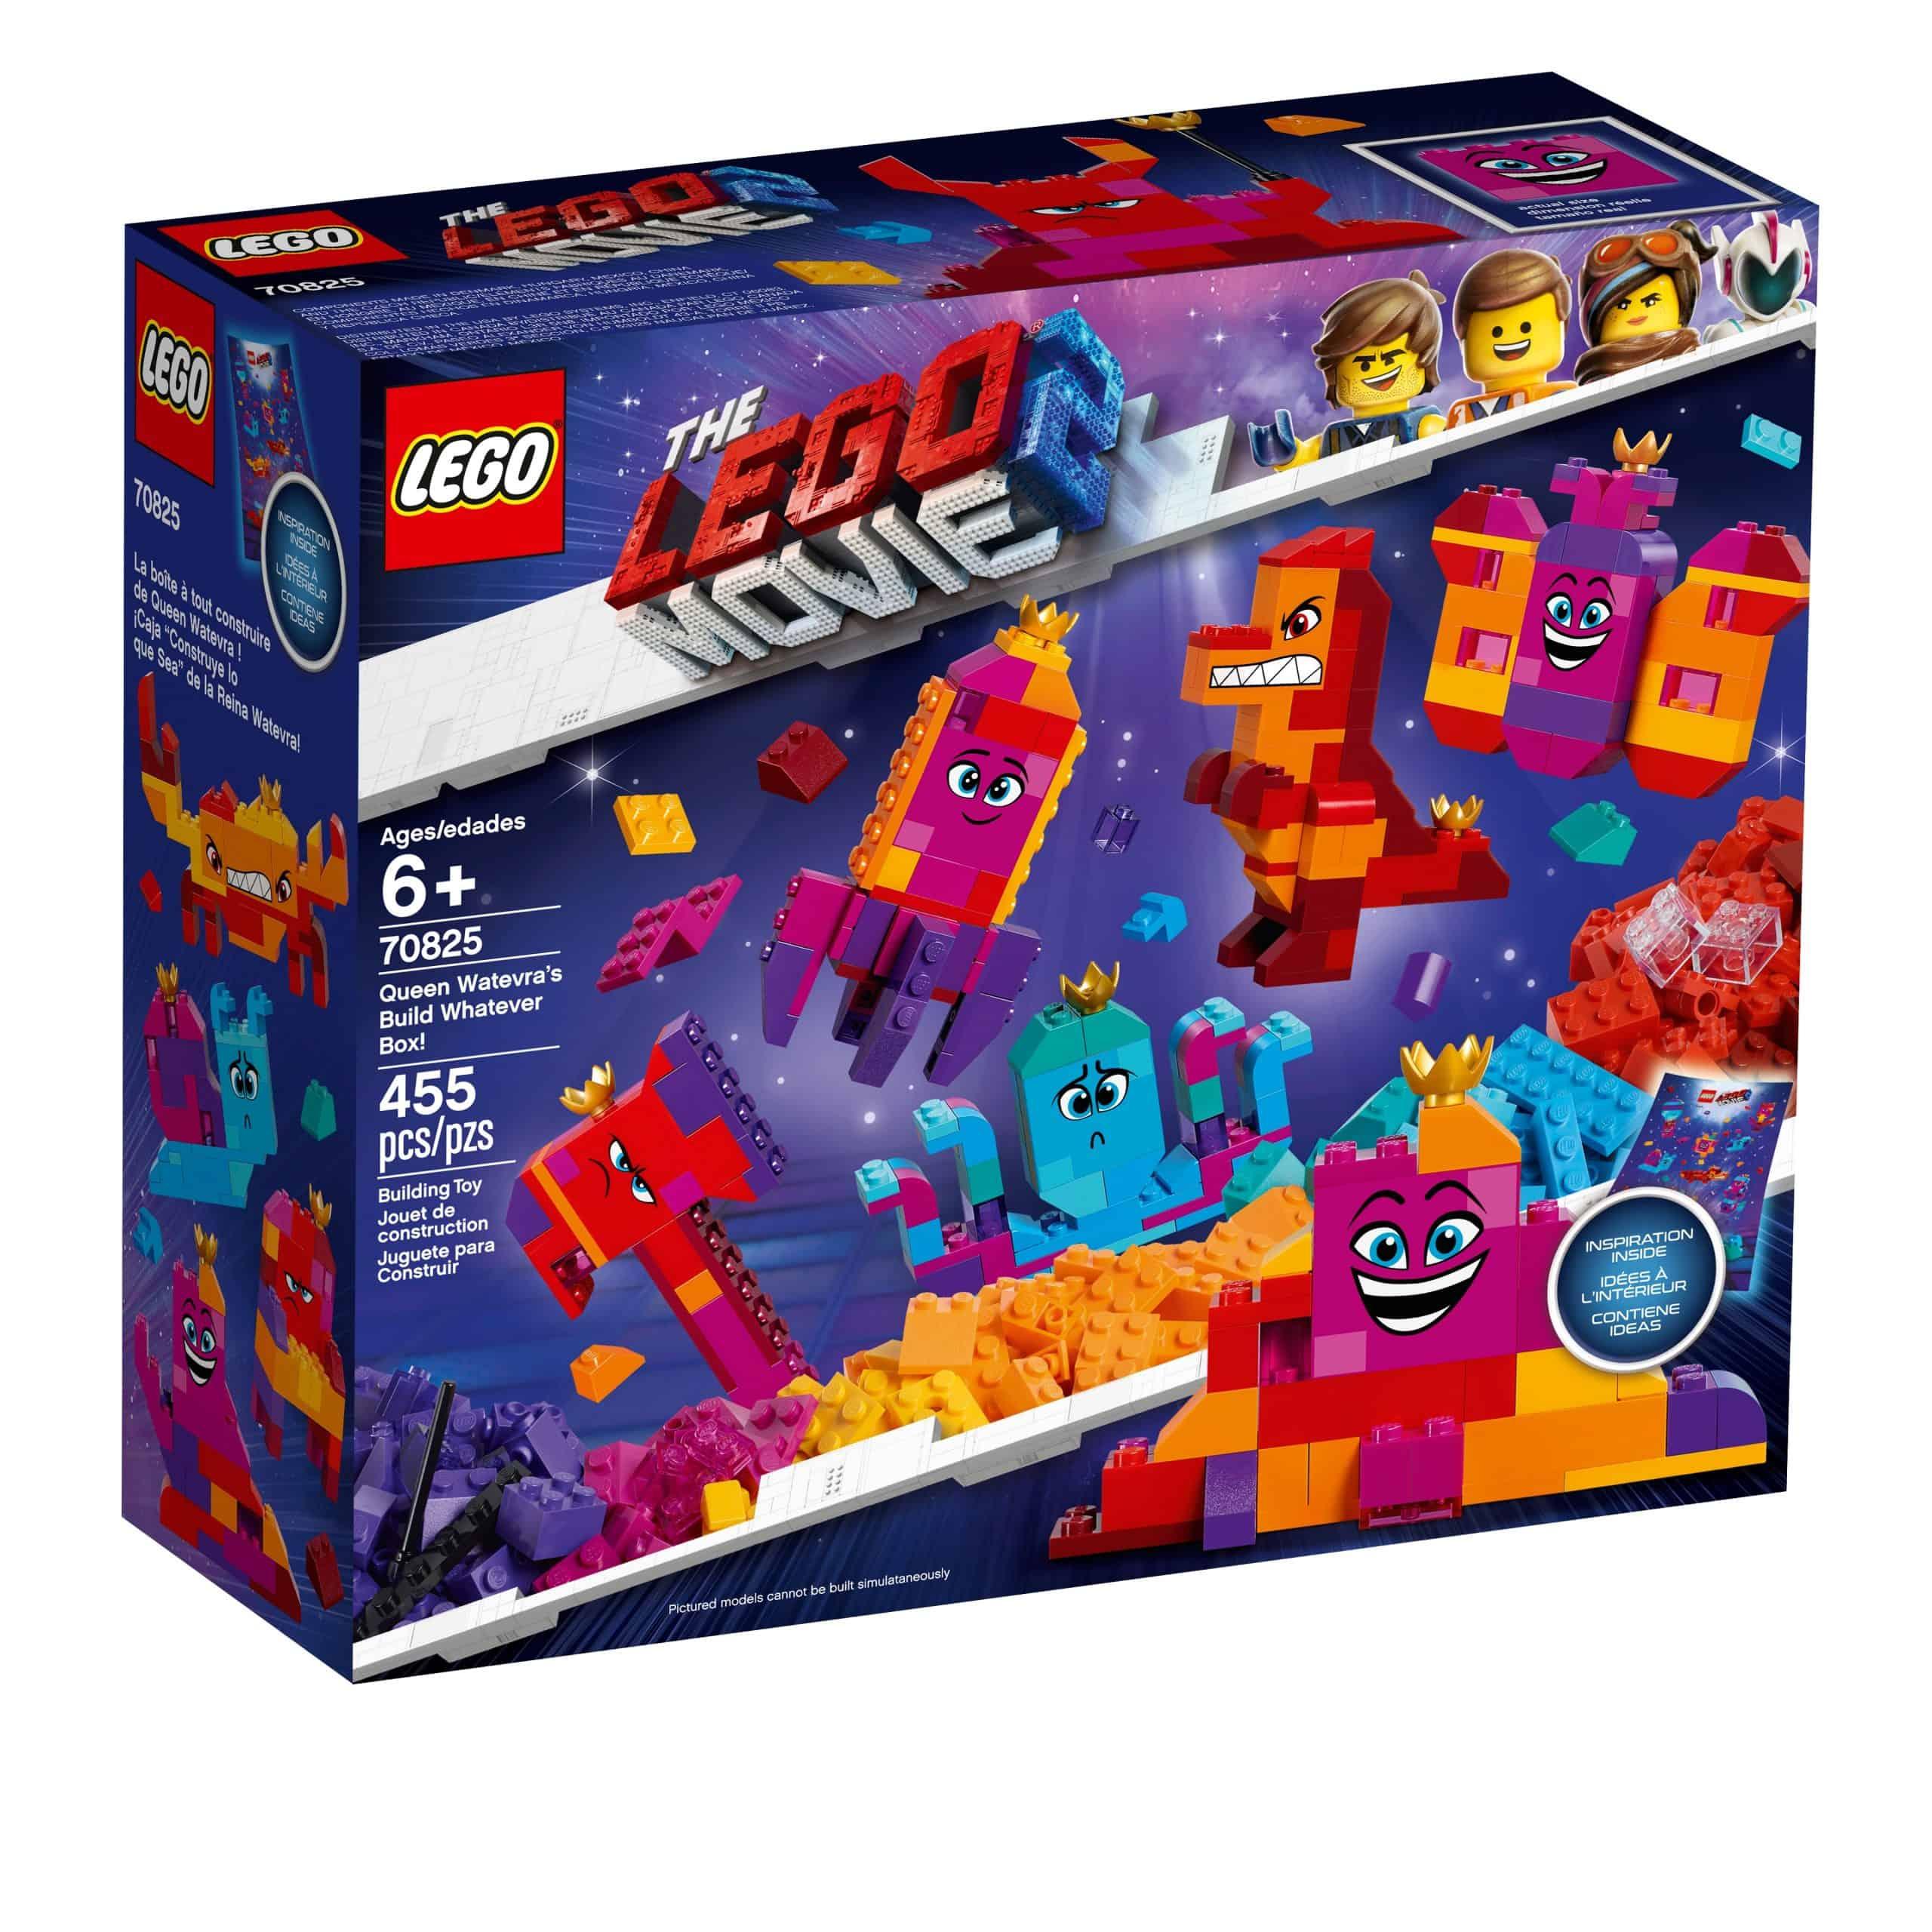 lego 70825 la boite a construire de la reine aux mille visages scaled